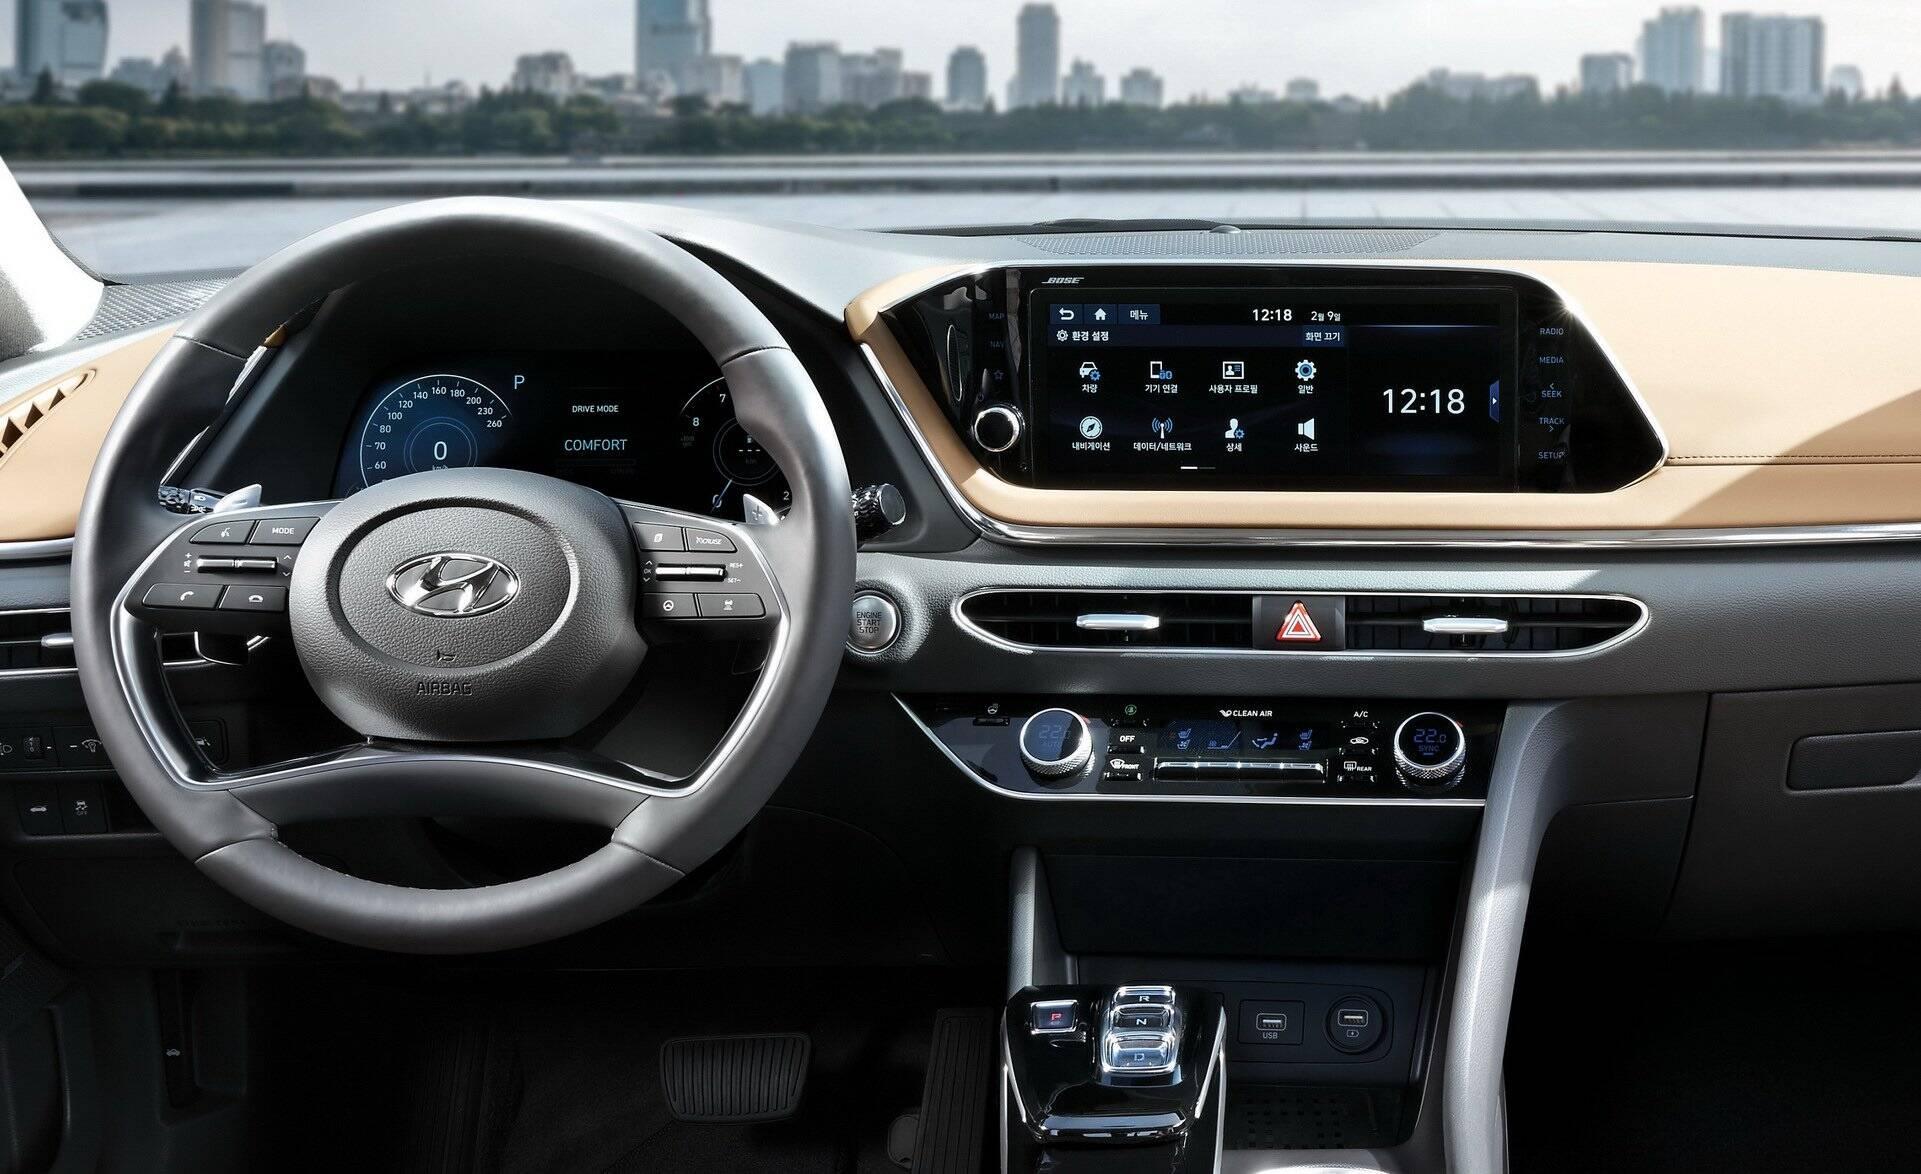 Hyundai Sonata. Foto: Divulgação